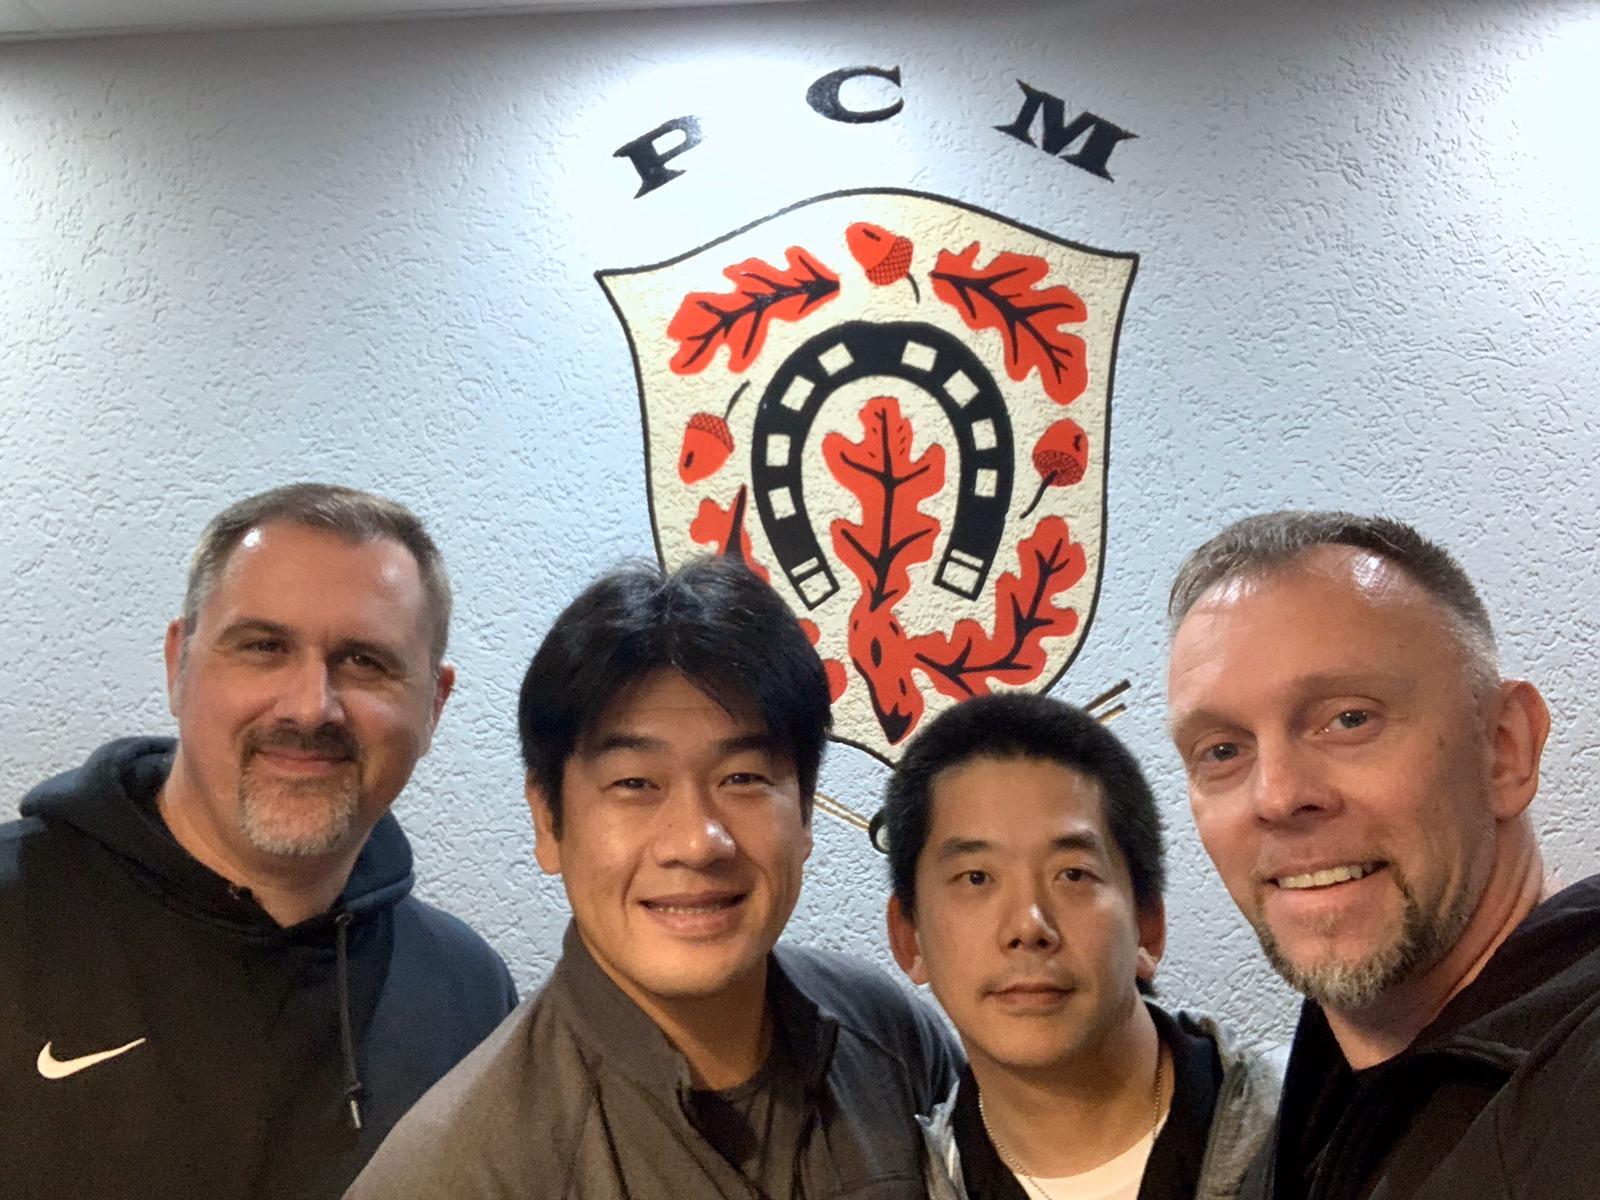 Besuch aus Japan zu Gast beim BV Mörfelden-Walldorf